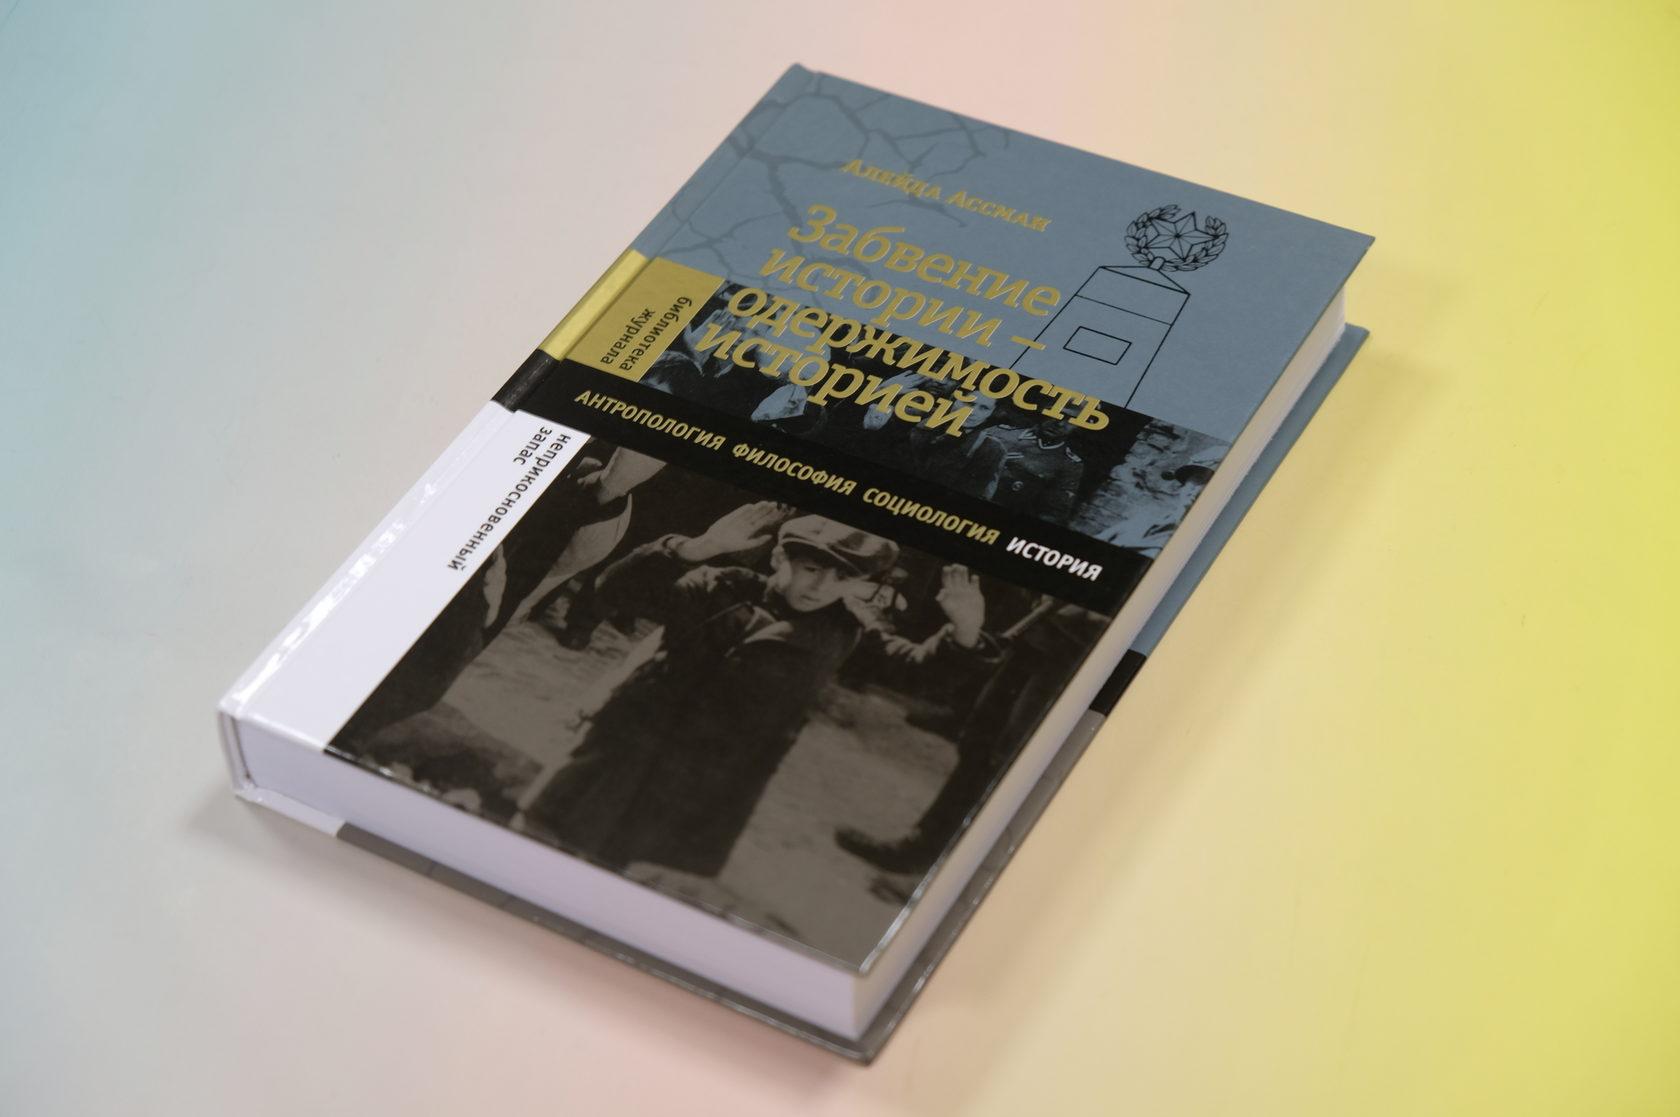 Алейда Ассман «Забвение истории — одержимость историей» 978-5-4448-1151-1